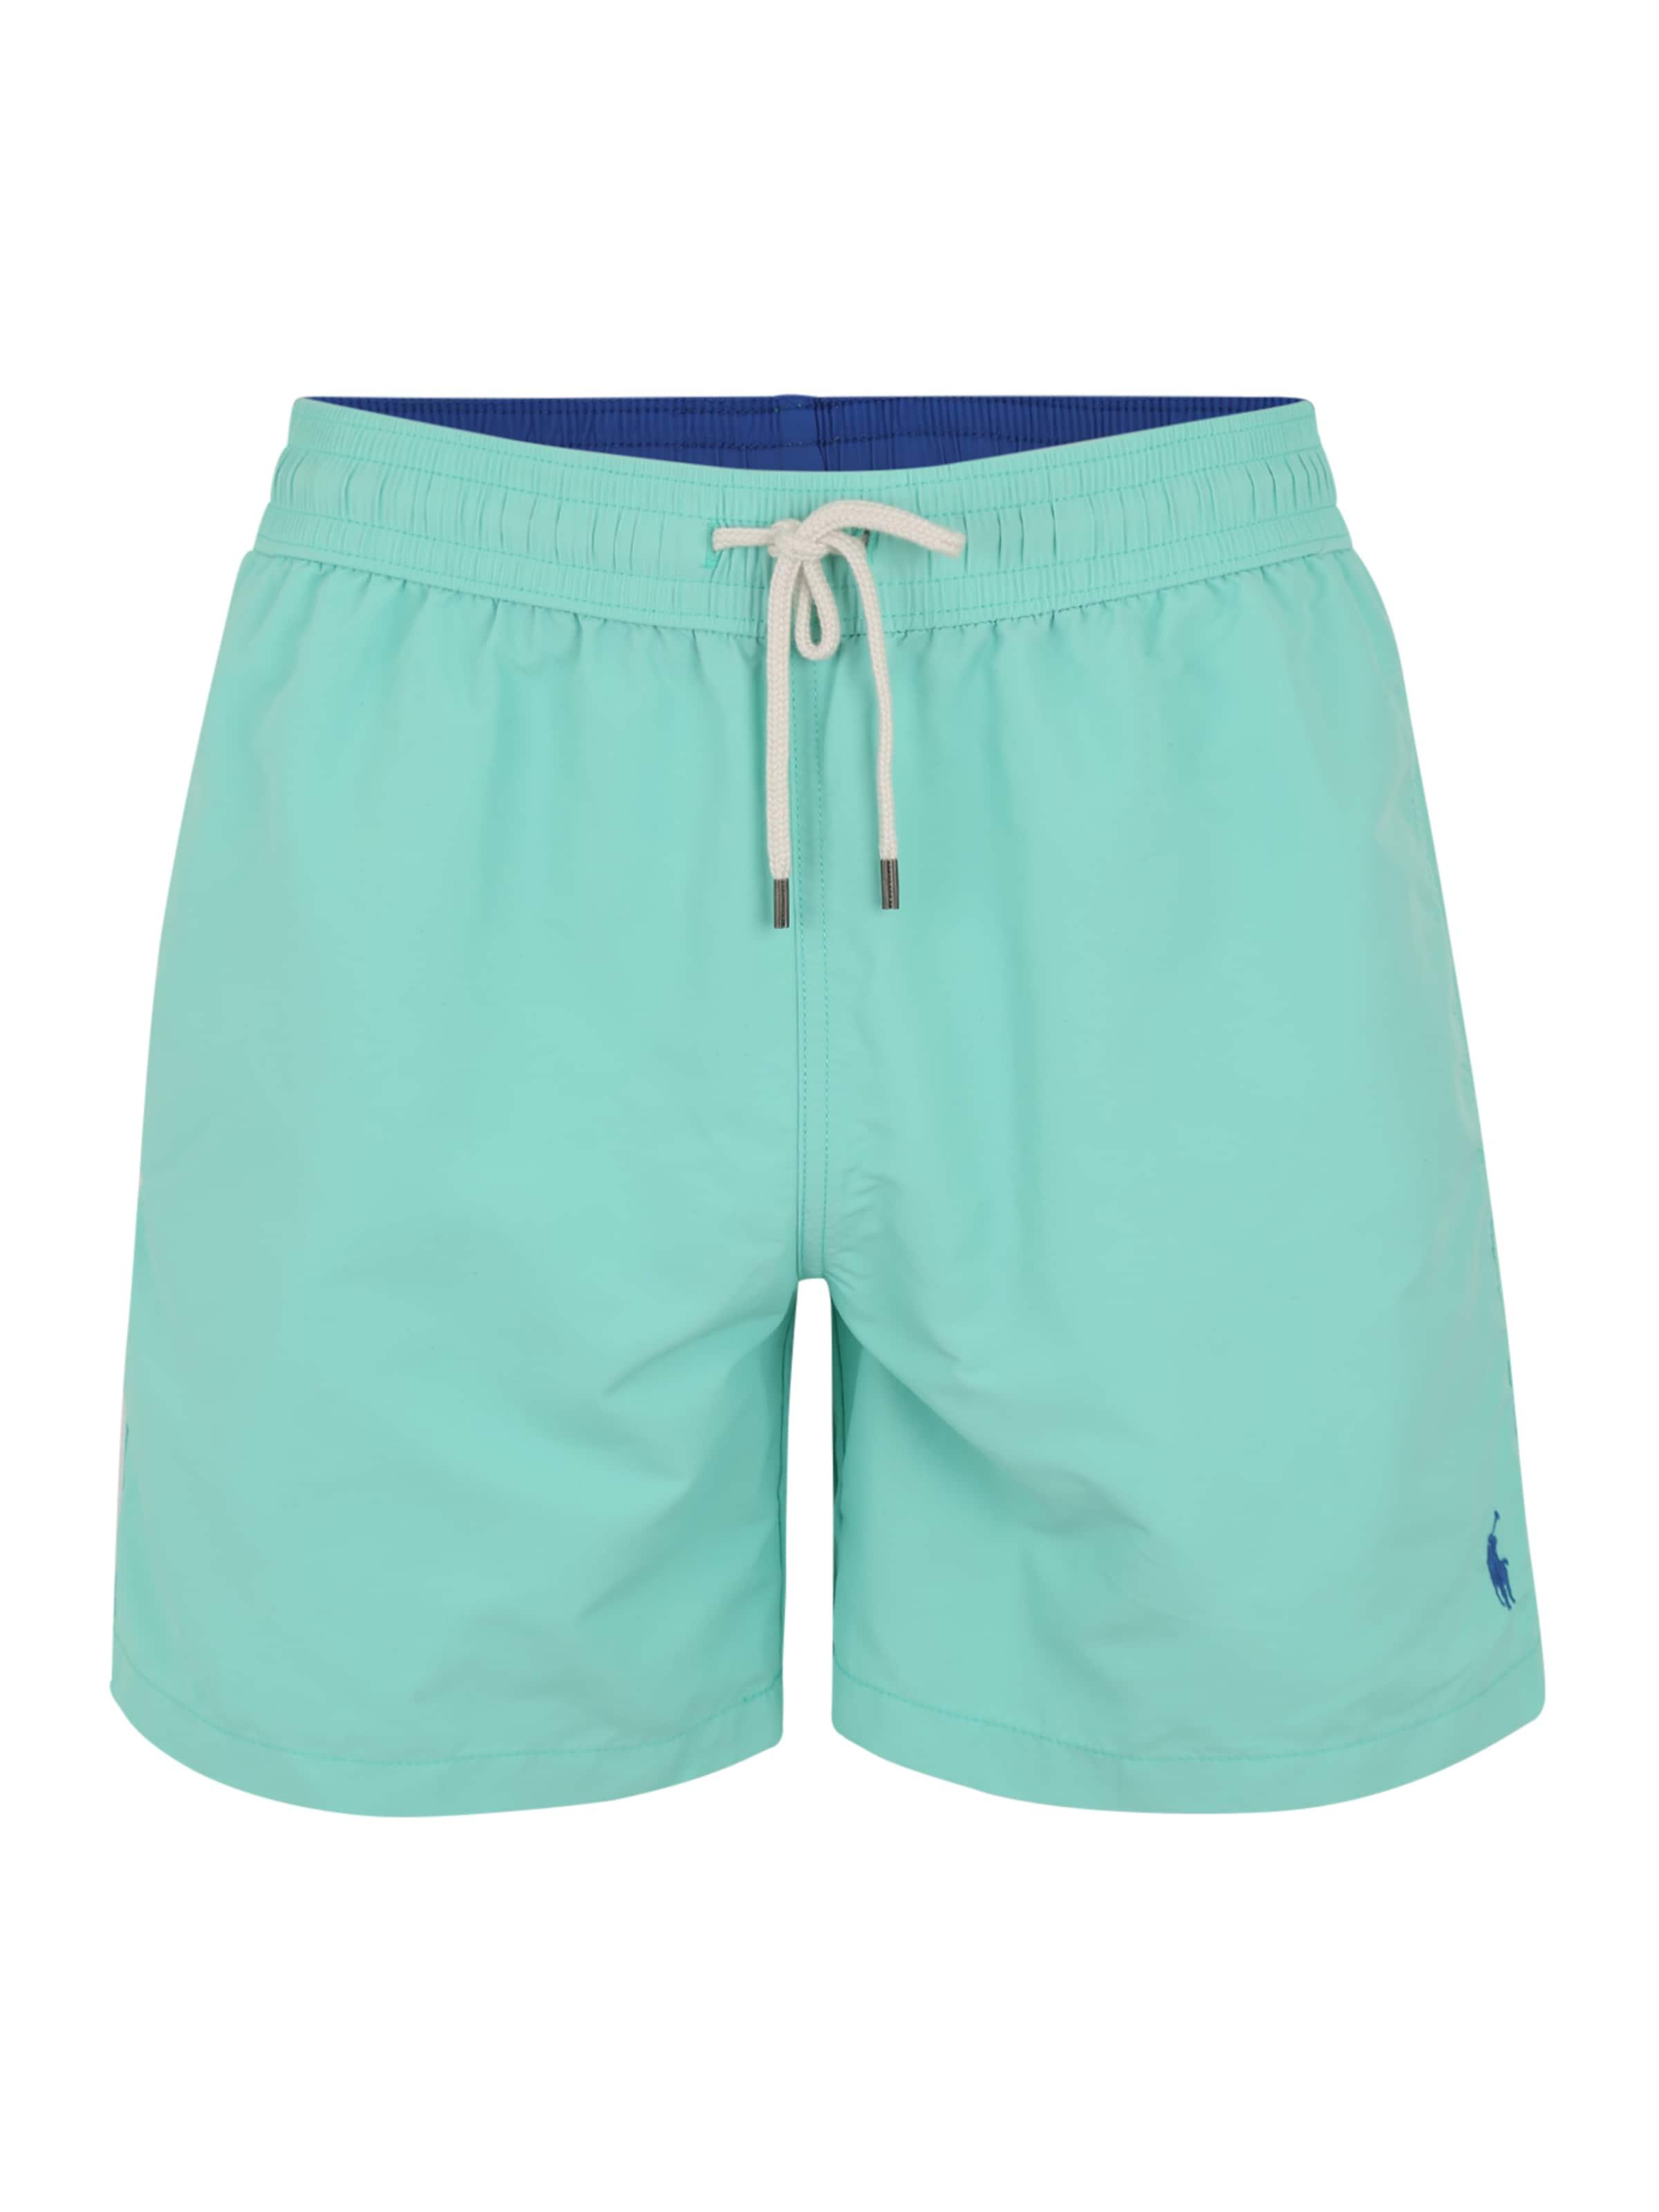 Jade Lauren swim' En Shorts De Polo Ralph Bain 'traveler OP0nwk8X